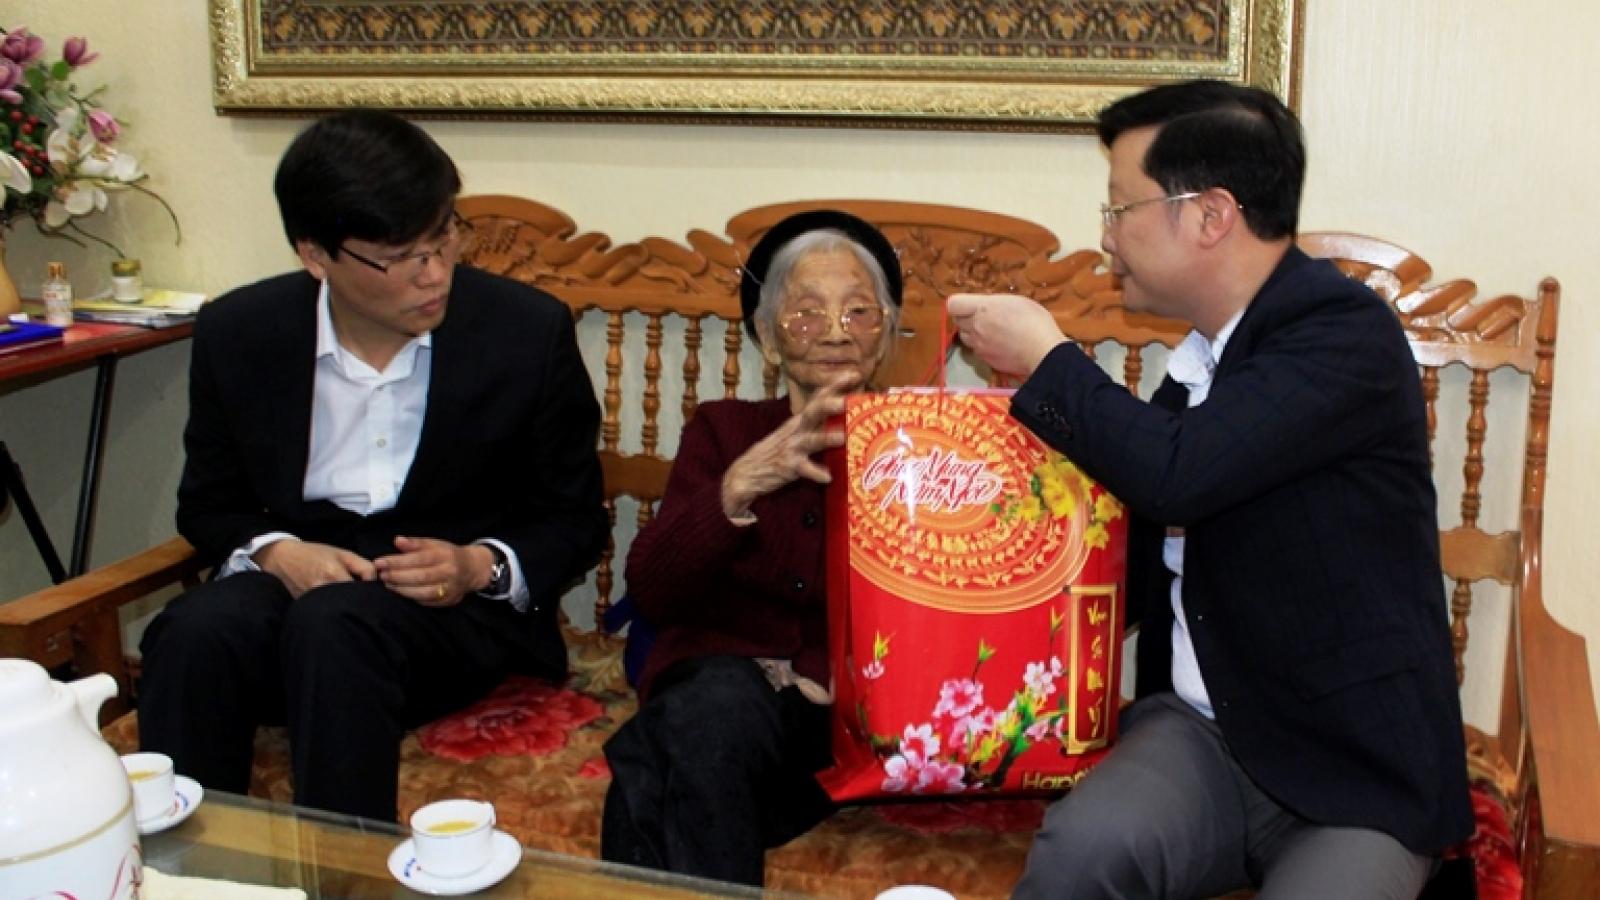 Hơn 4.000 hộ nghèo, hộ khó khăn có nguy cơ thiếu đói của tỉnh Lai Châu được hỗ trợ ăn tết